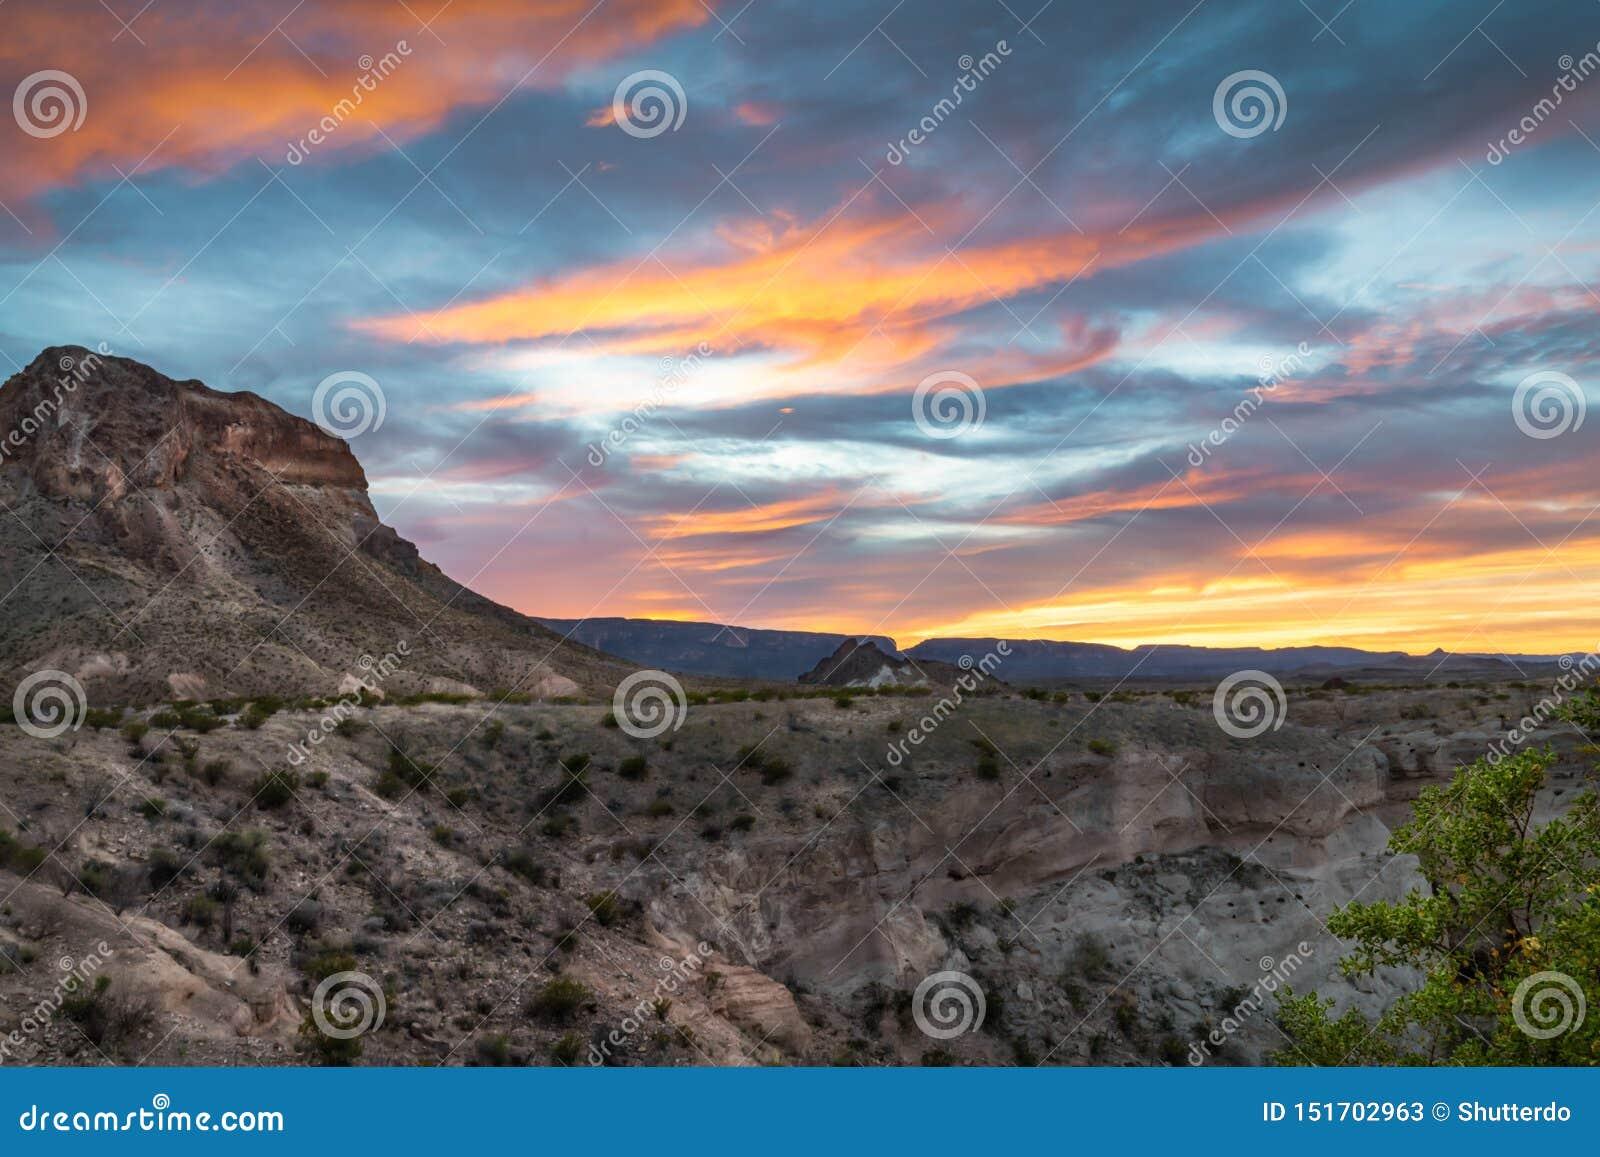 Sunset over Cerro Castellan butte in Big Bend National Park